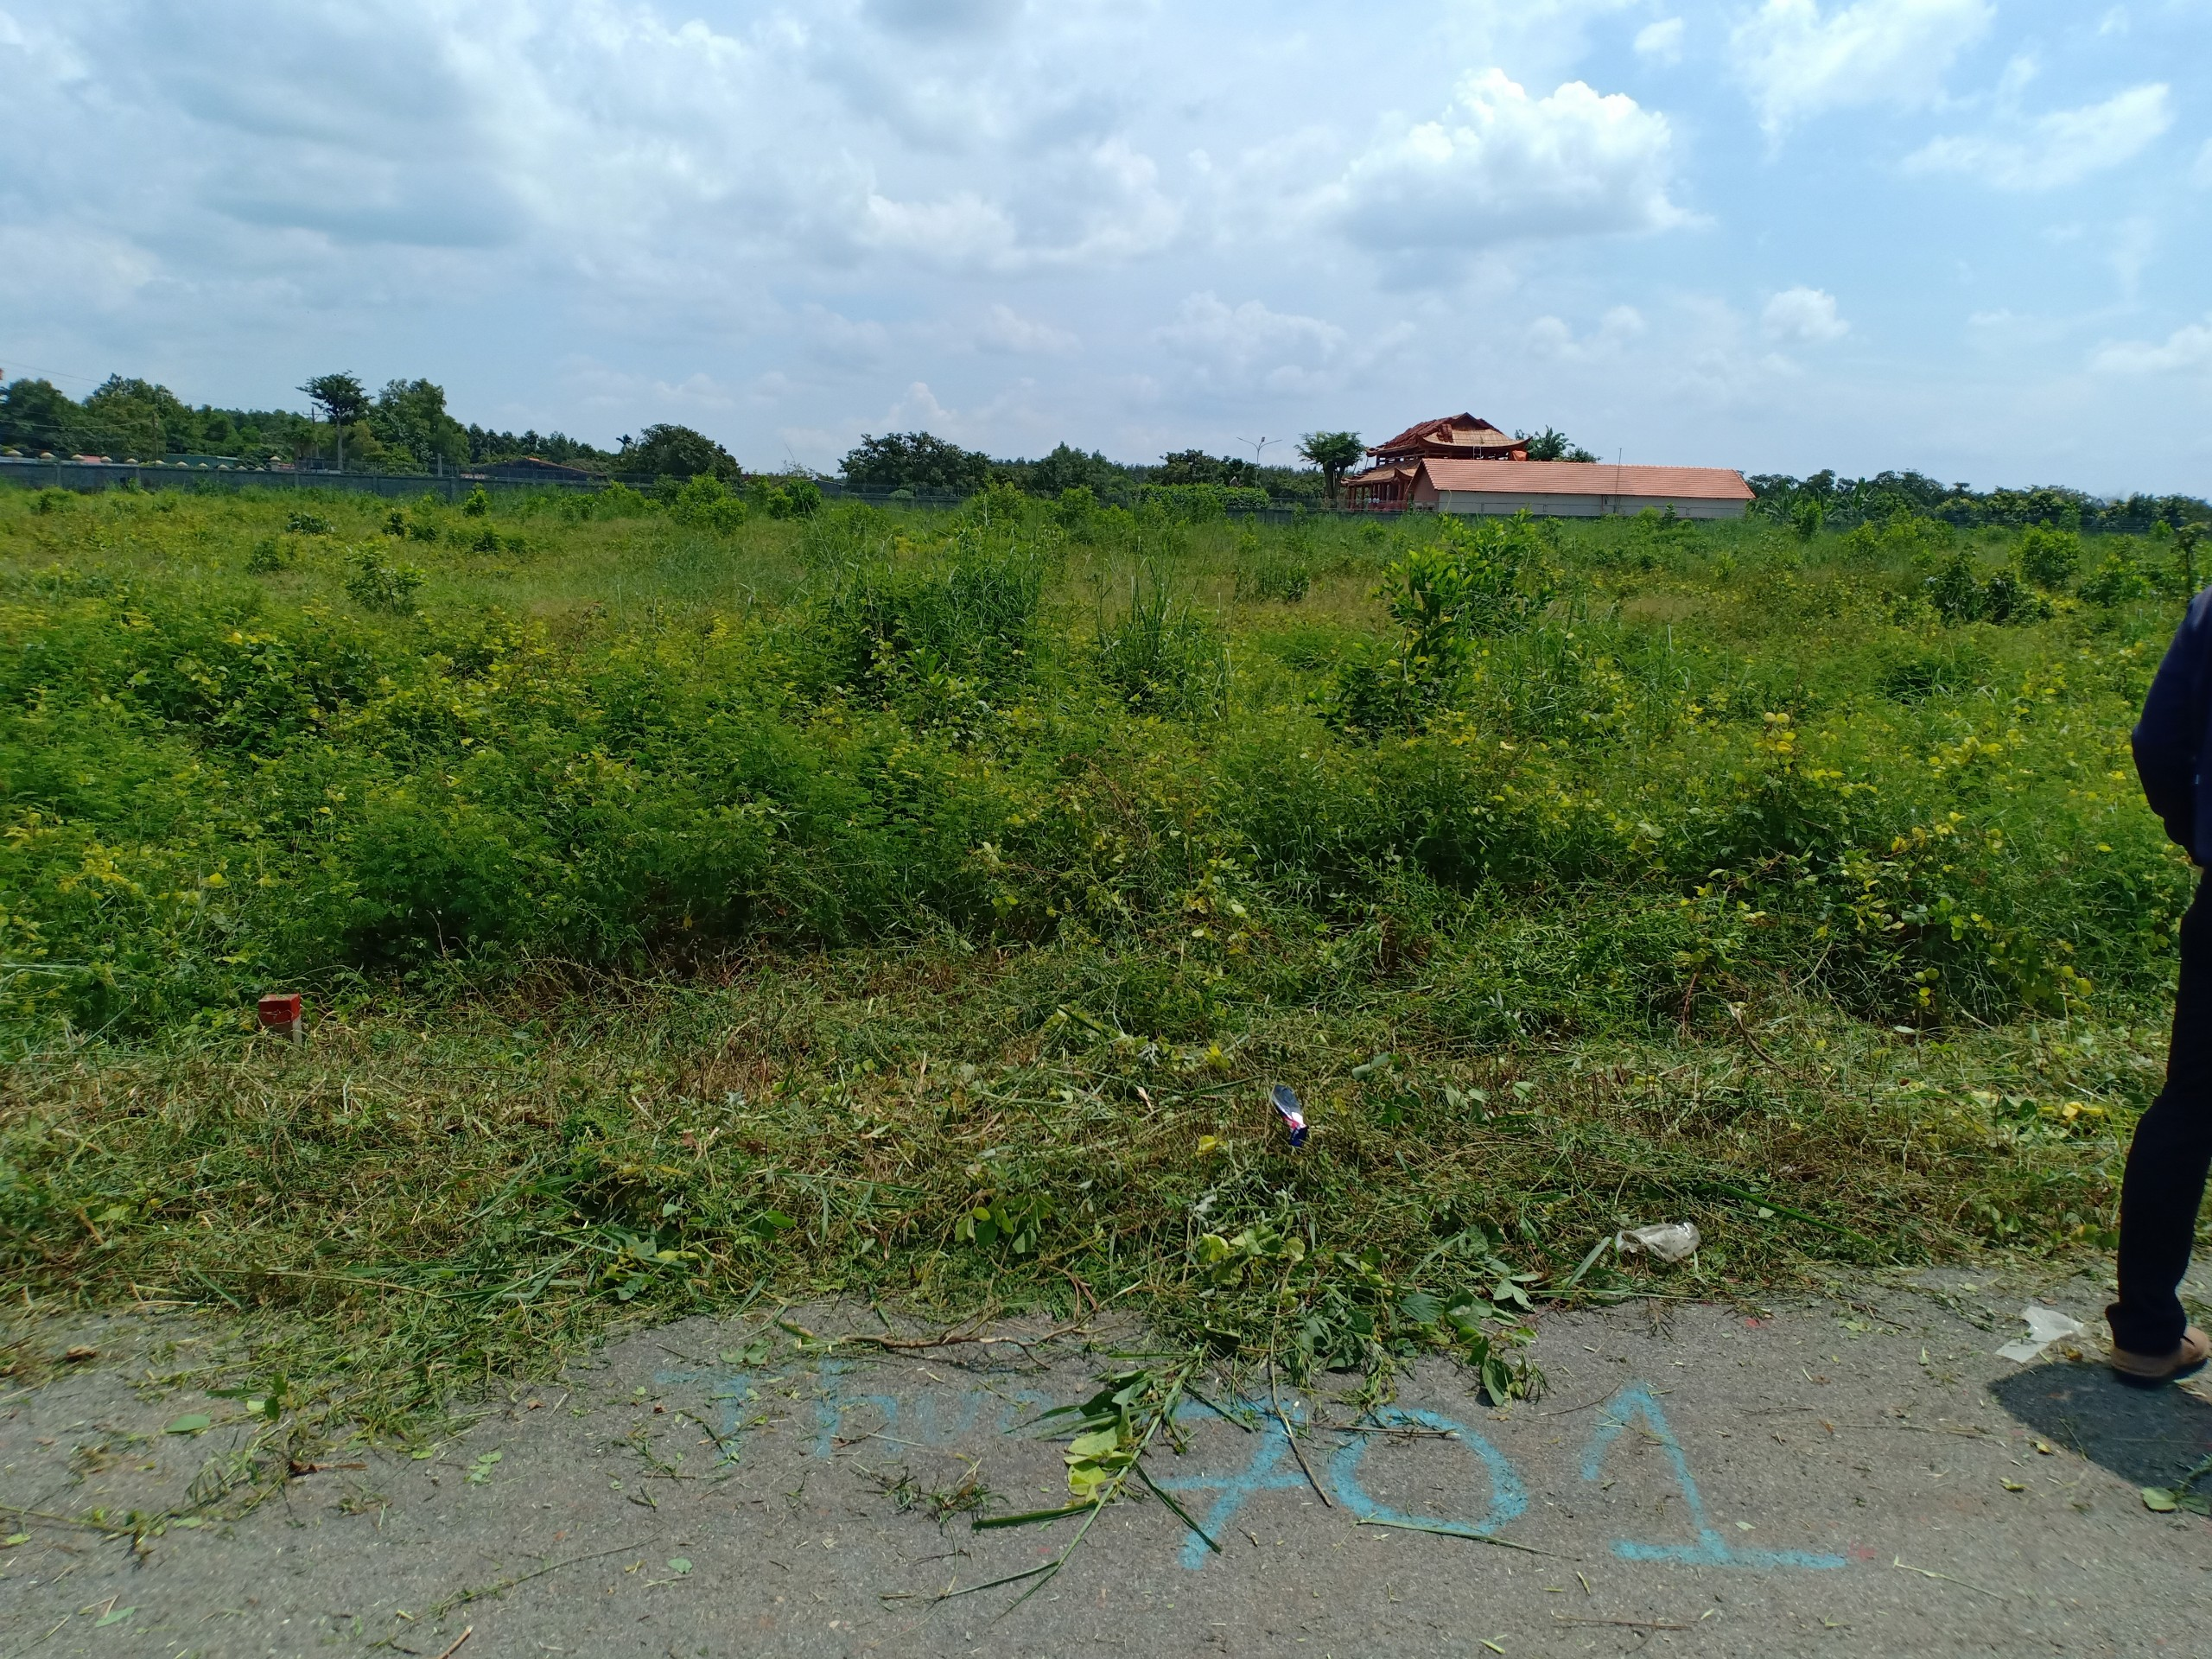 Chính Chủ Cần Bán Gấp (5x43)  Ấp 1 , Xã Tóc Tiên , Thị Xã Phú Mỹ , Tỉnh Bà Rịa - Vũng Tàu .